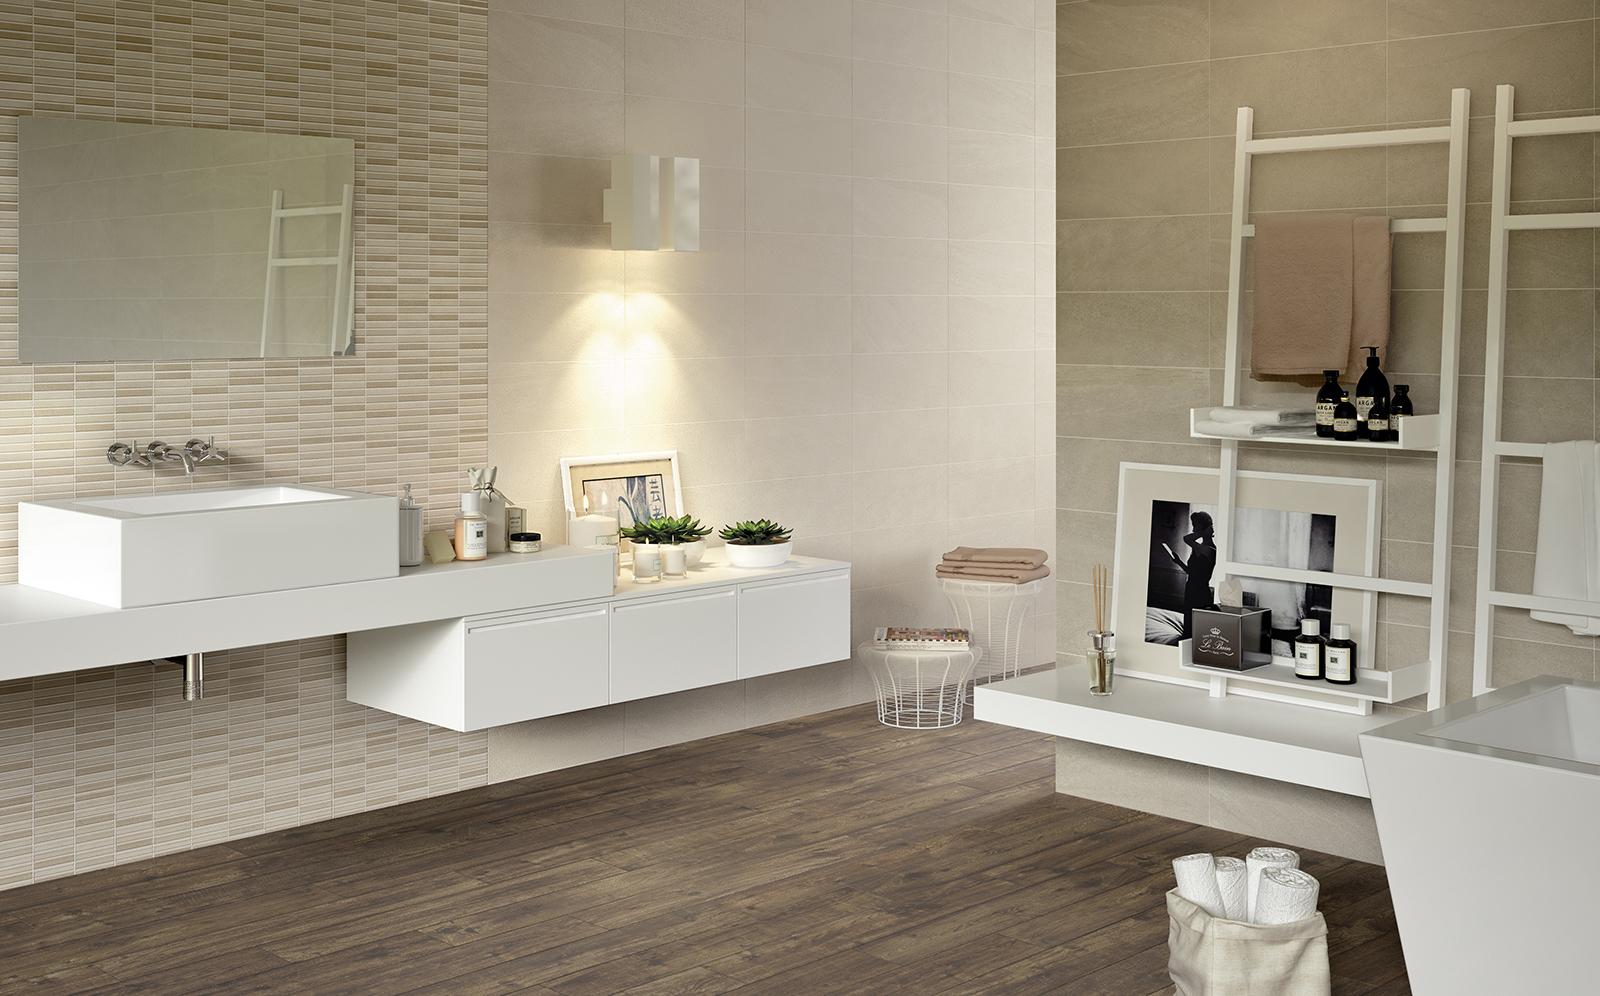 Interiors rivestimento bagno e cucina marazzi - Piastrelle bagni moderni ...